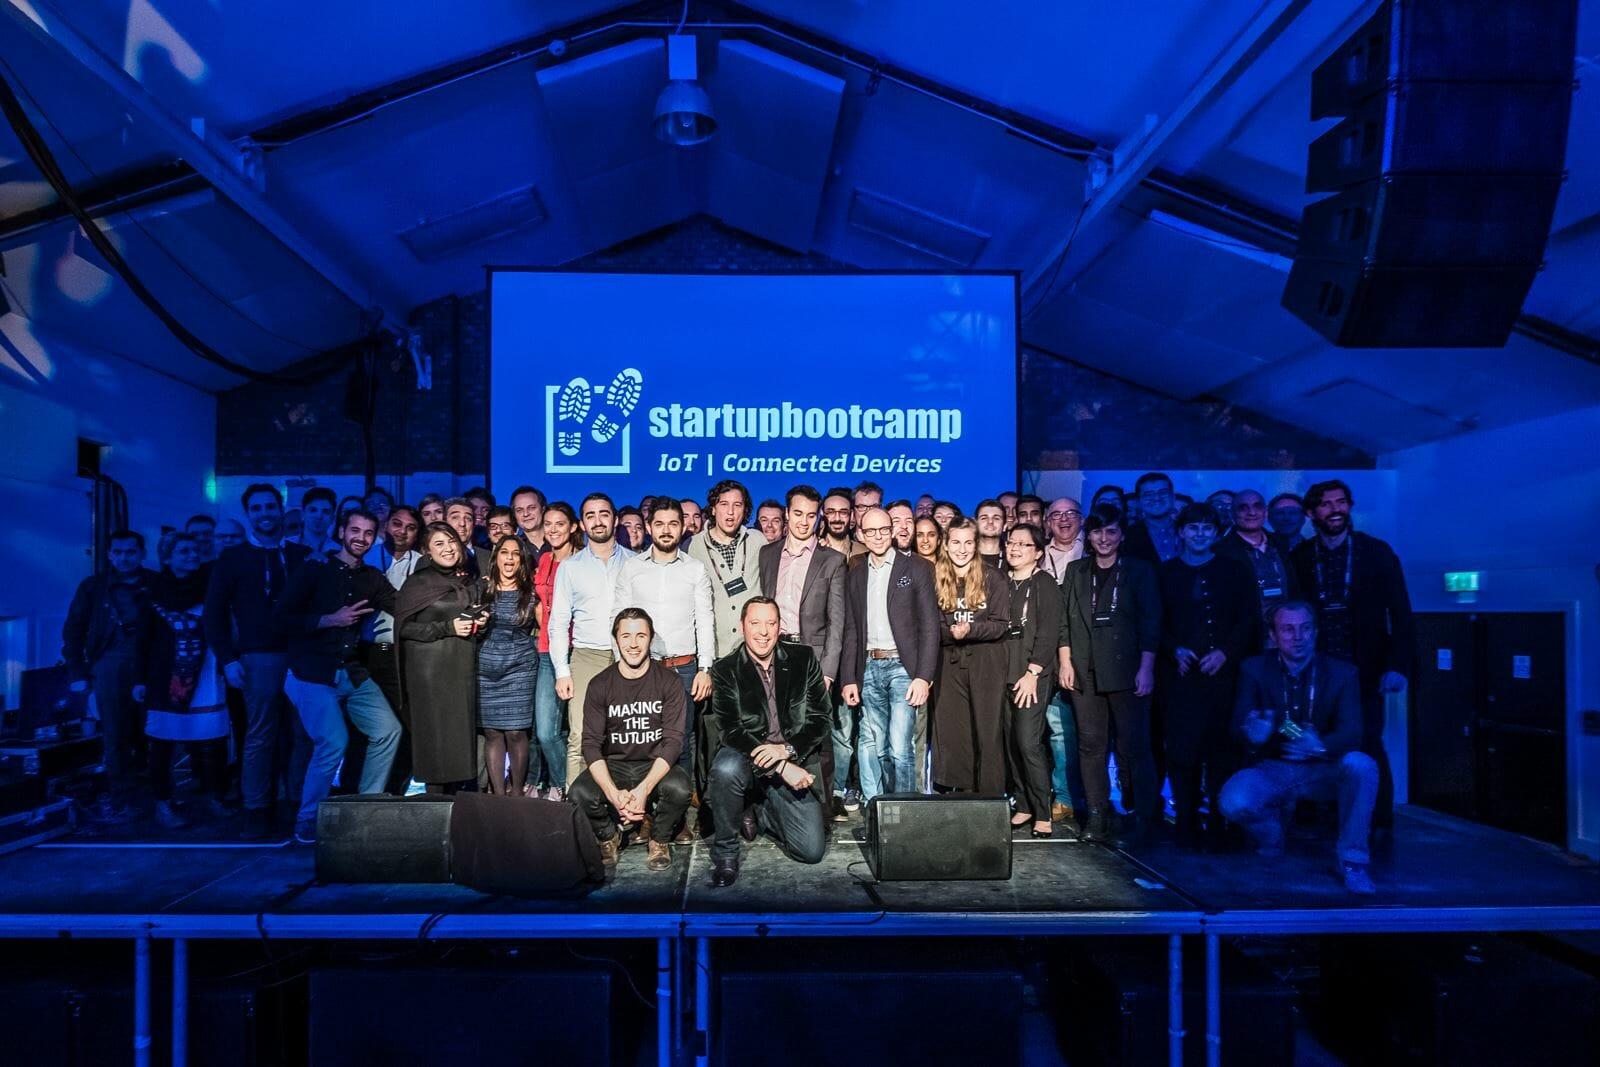 Startup Boot Camp IoT HOMYHUB